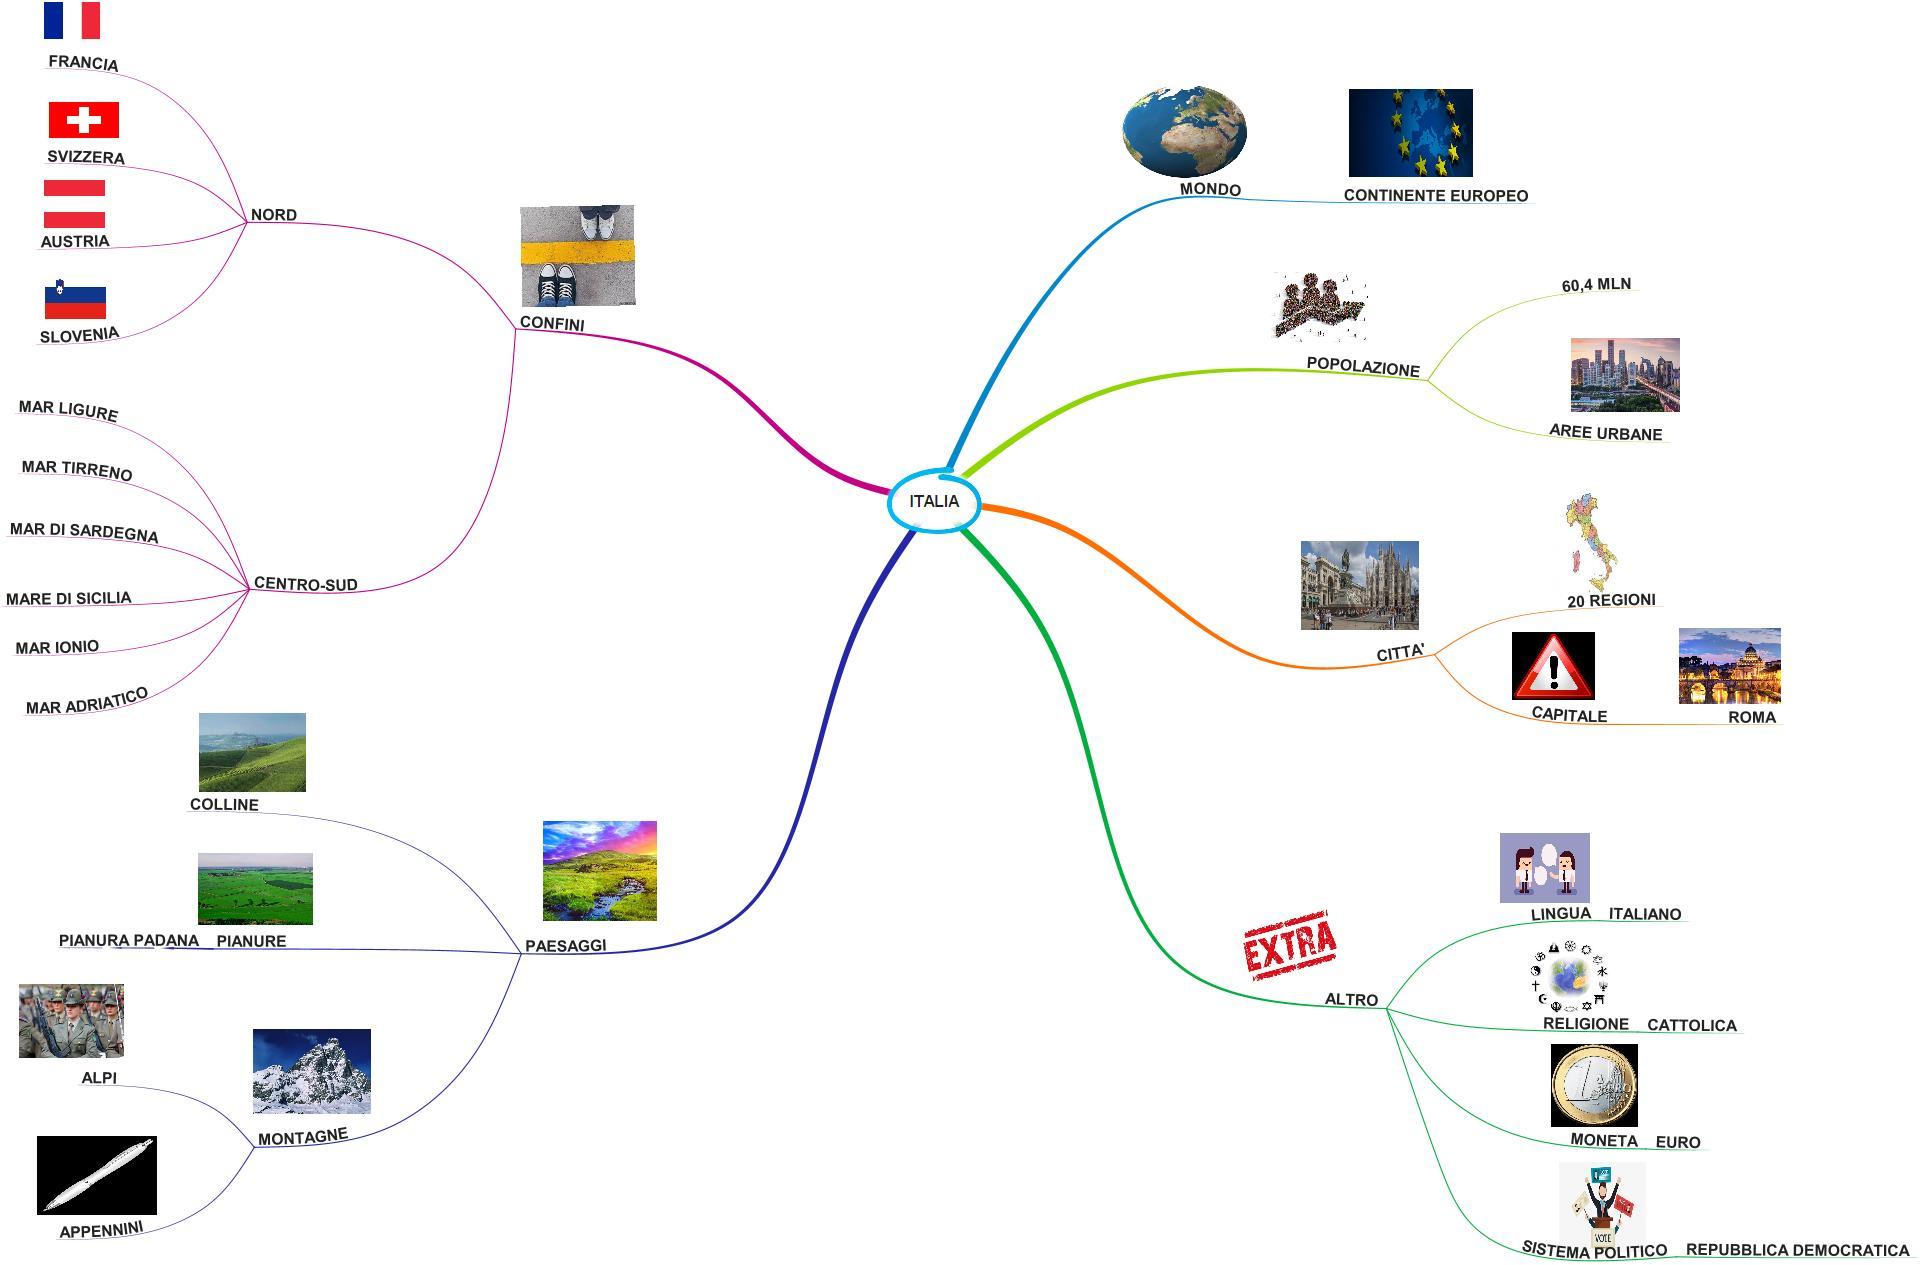 Cartina Italia Centrale E Meridionale.Mappe Mentali Concettuali Geografia Per Le Medie Matteo Salvo